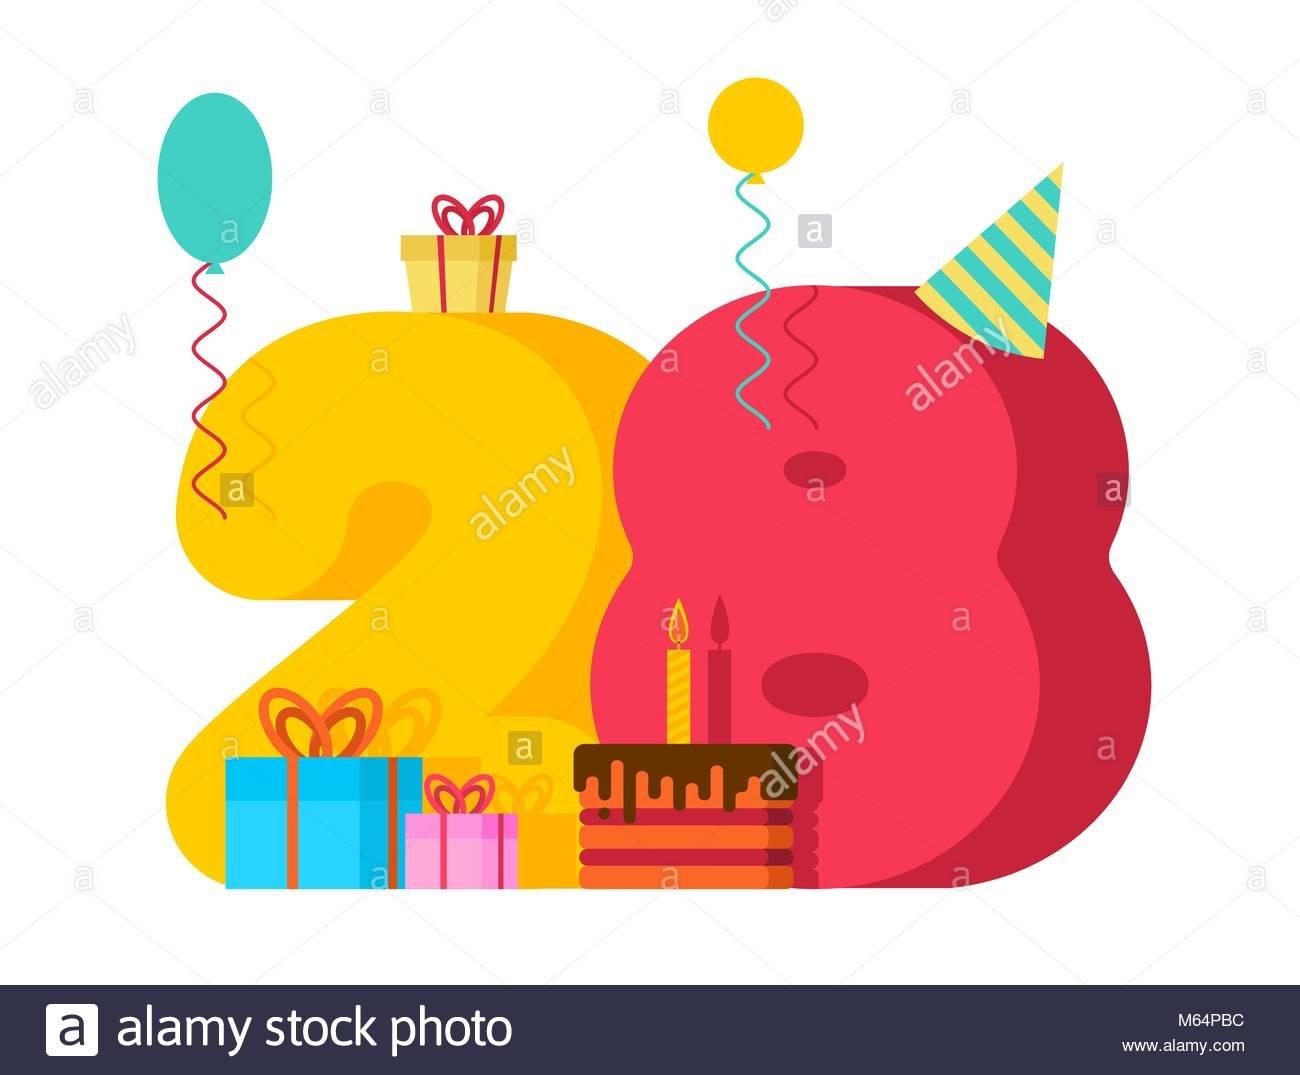 carte-de-voeux-anniversaire-28-ans-28e-anniversaire-du-modele-vingt-huit-nombre-et-festif-du-gateau-avec-bougie-ballon-et-boite-cadeau-m64pbc